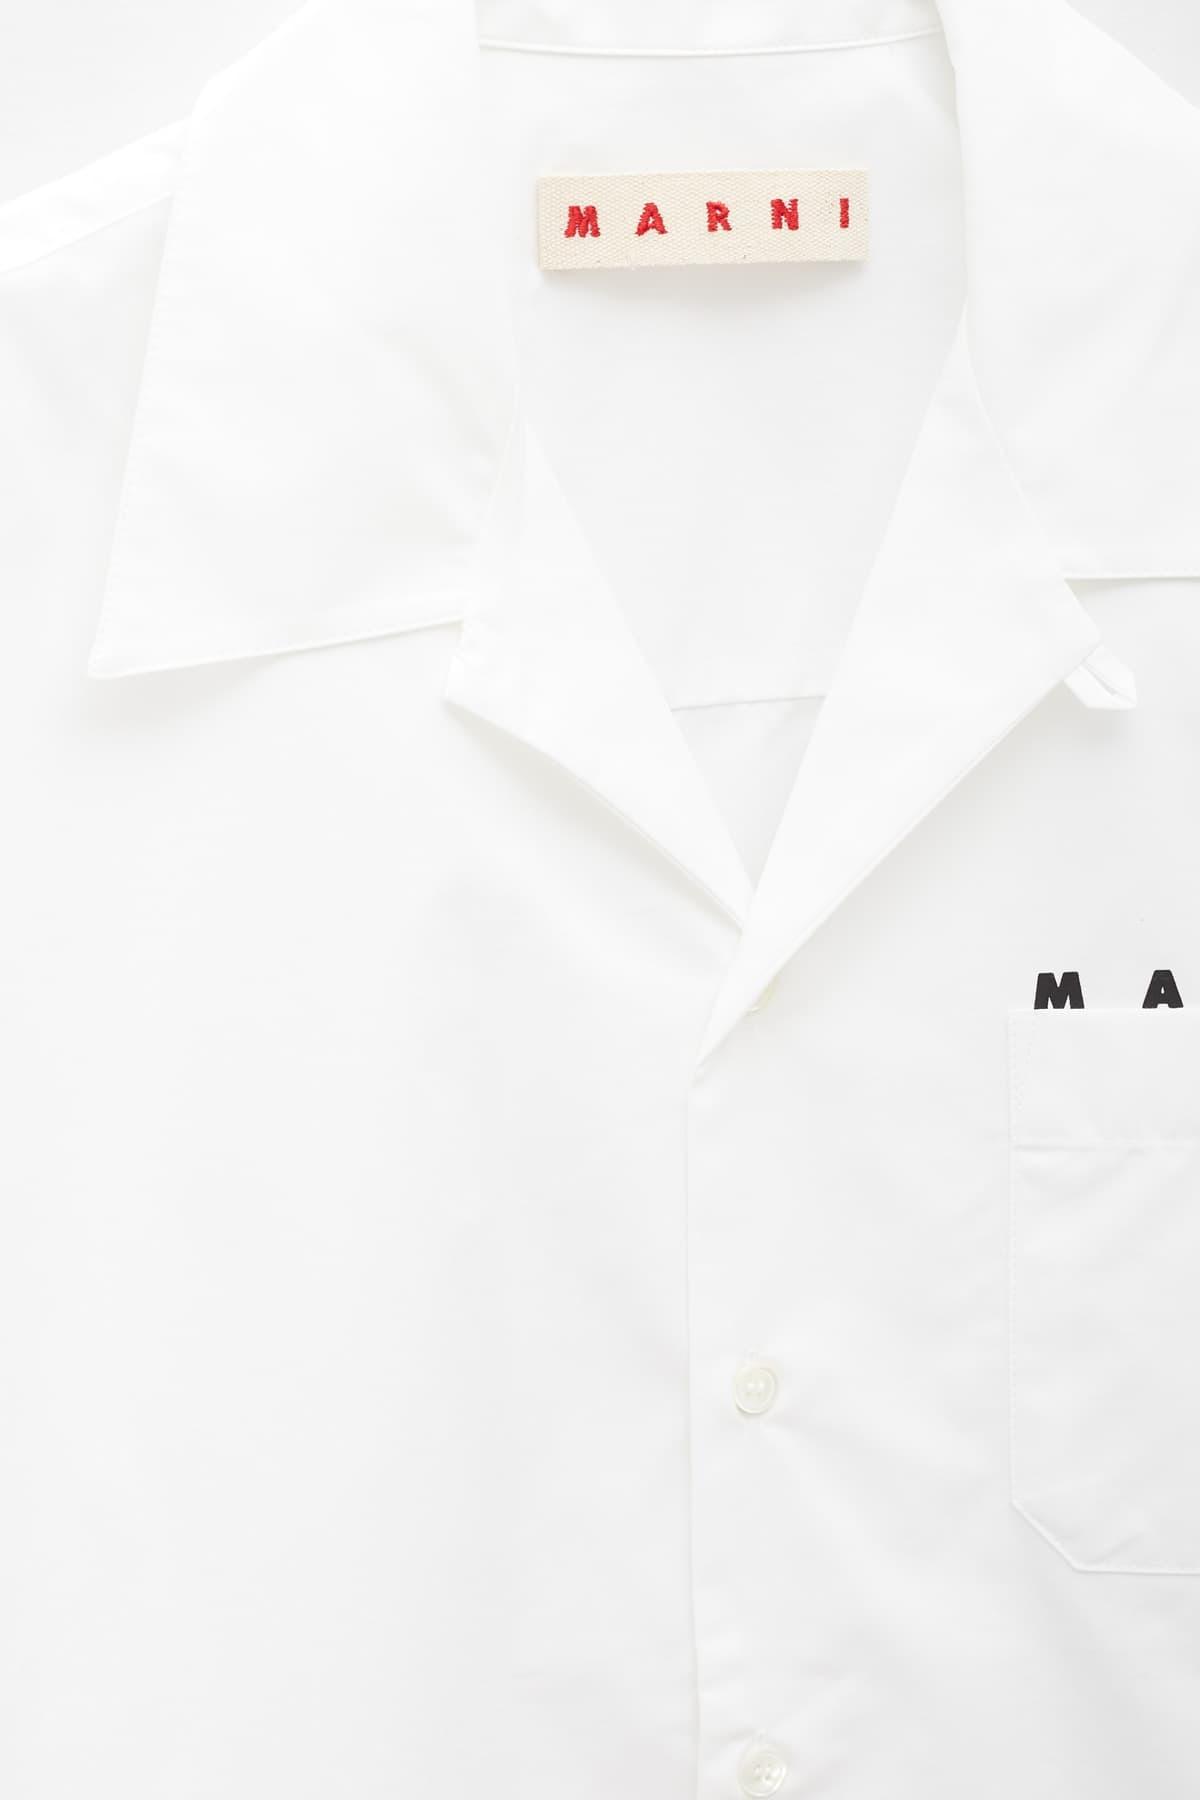 Comprar Acne Studios Brown Pink Medium Tote BAGS000047 Bag